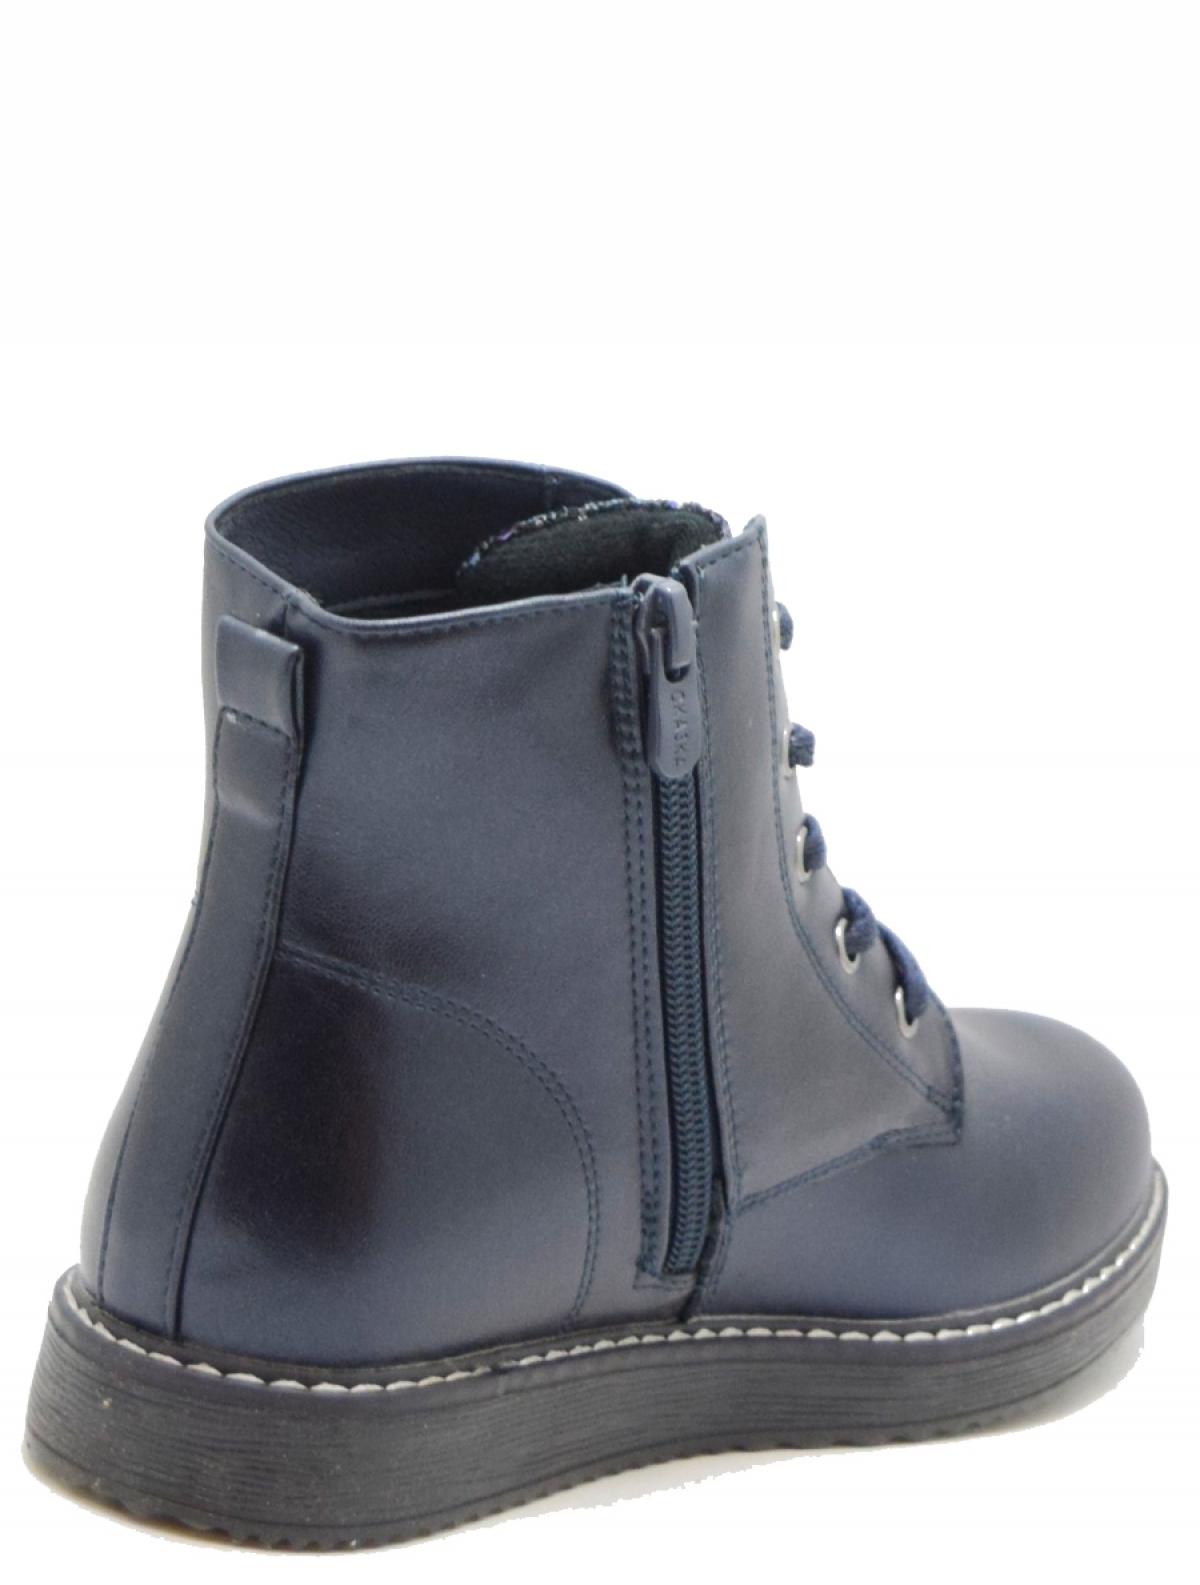 Сказка R510027422-13 детские ботинки